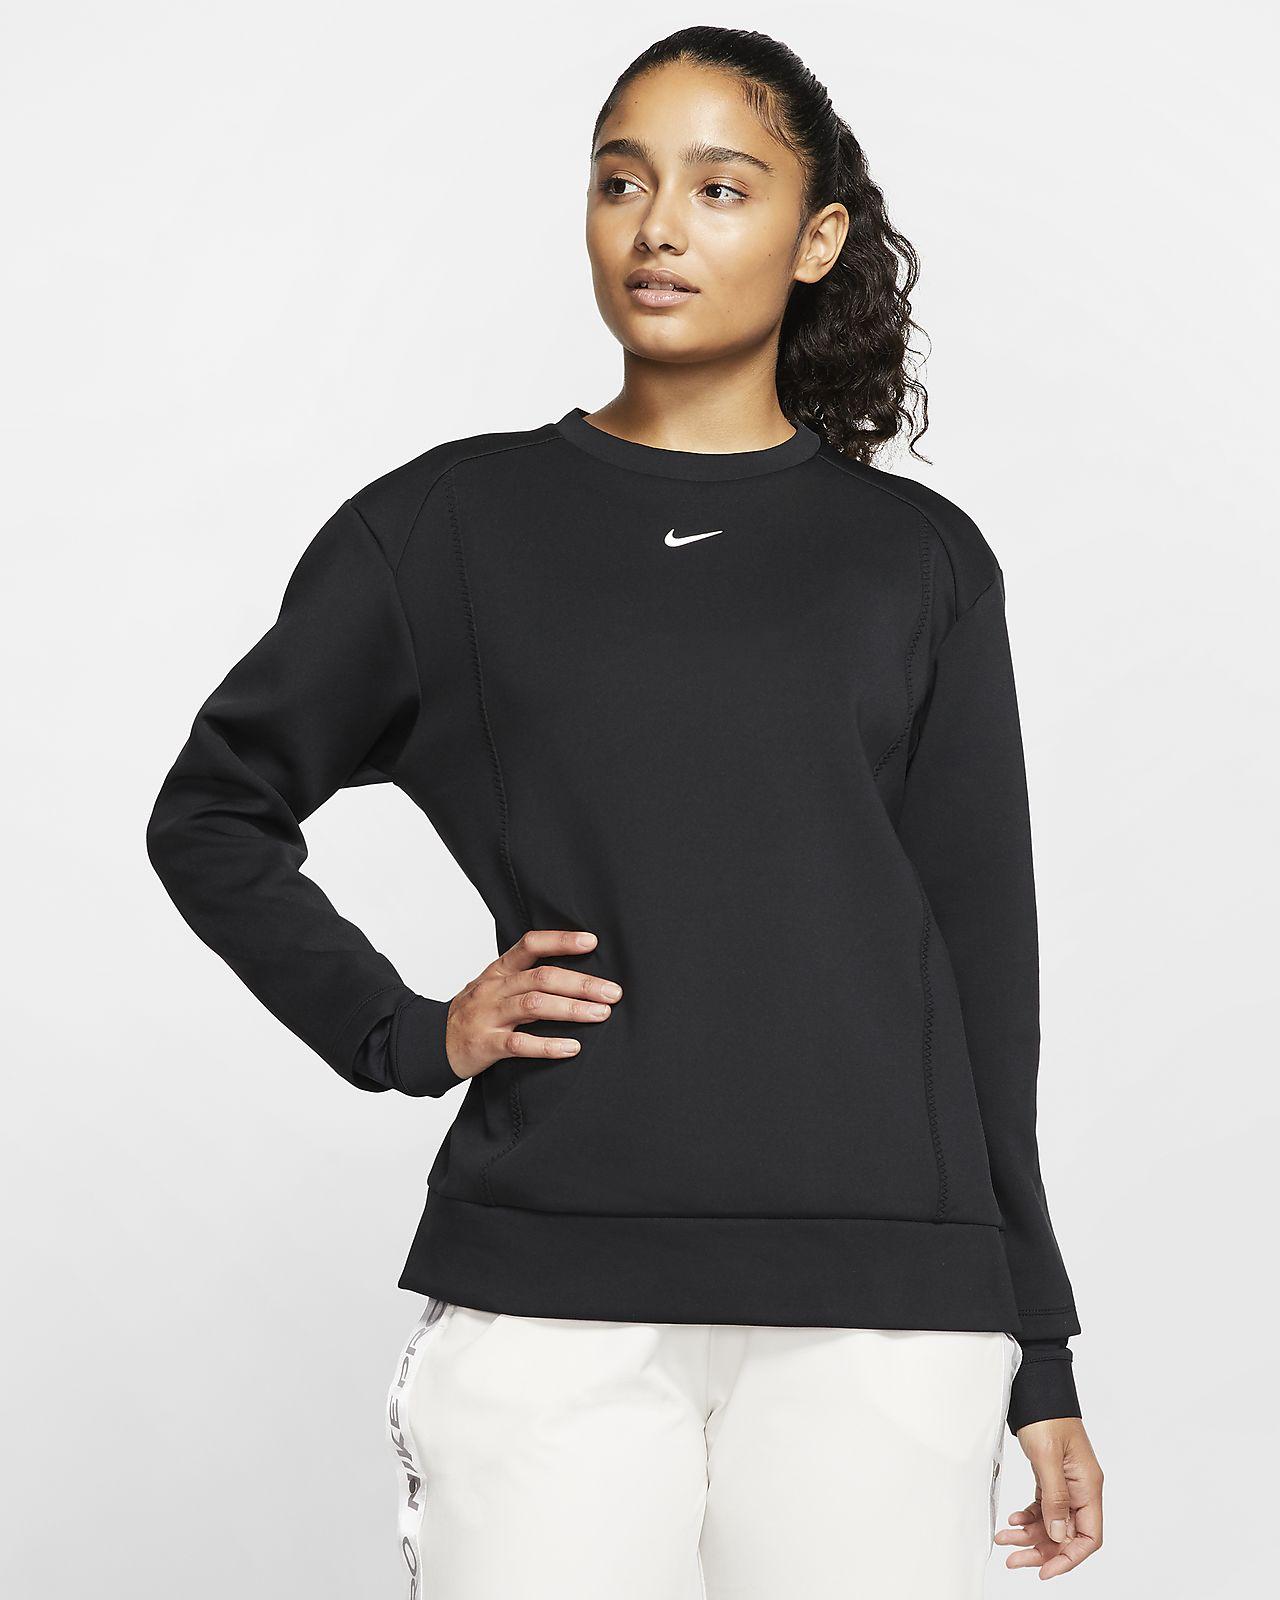 Dámská flísová mikina Nike Pro skulatým výstřihem